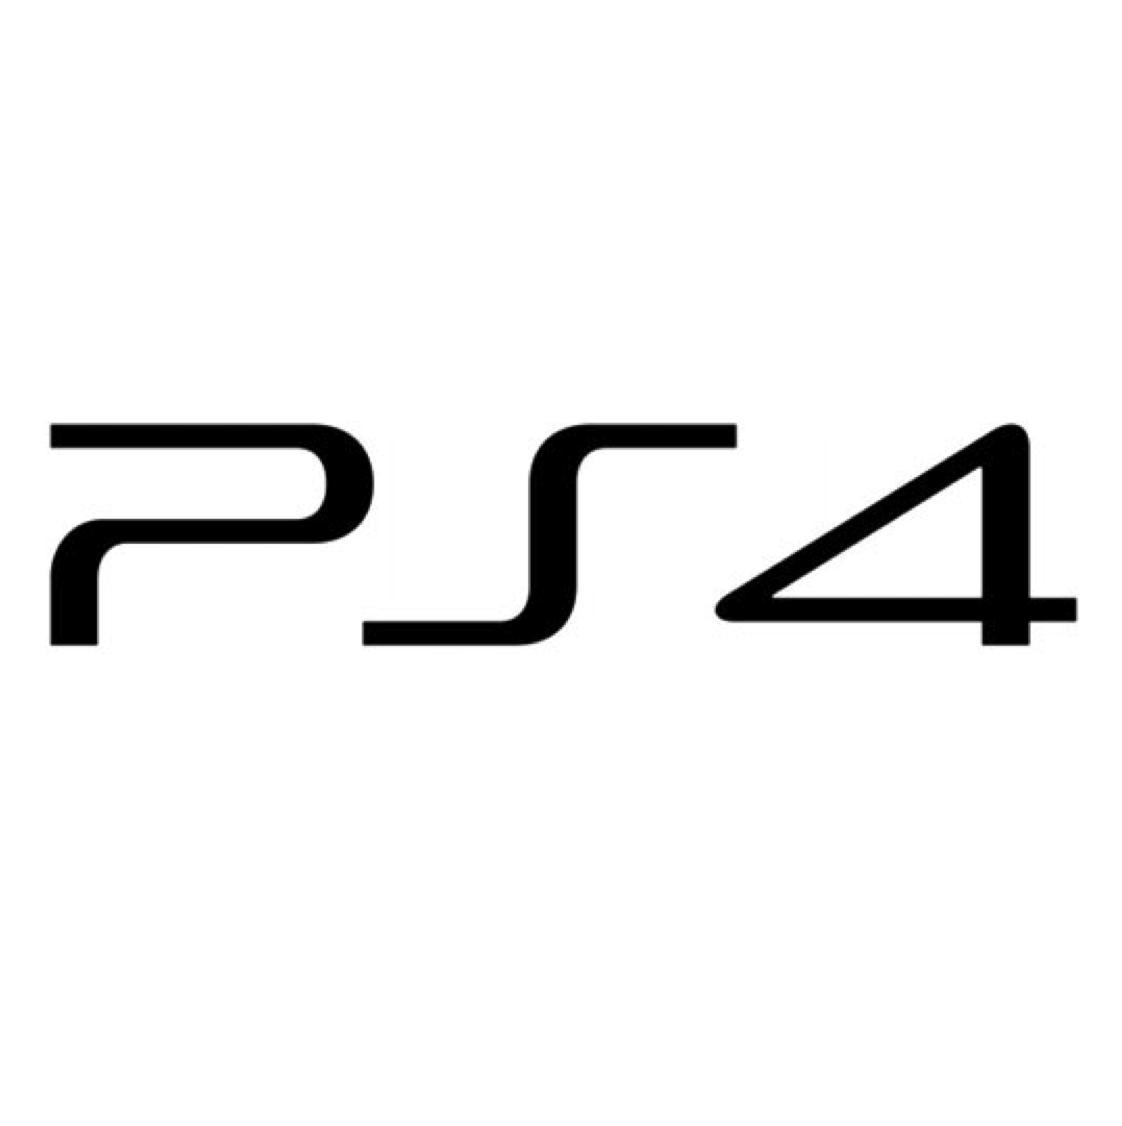 Playstation 4 L... Playstation Logo Vector